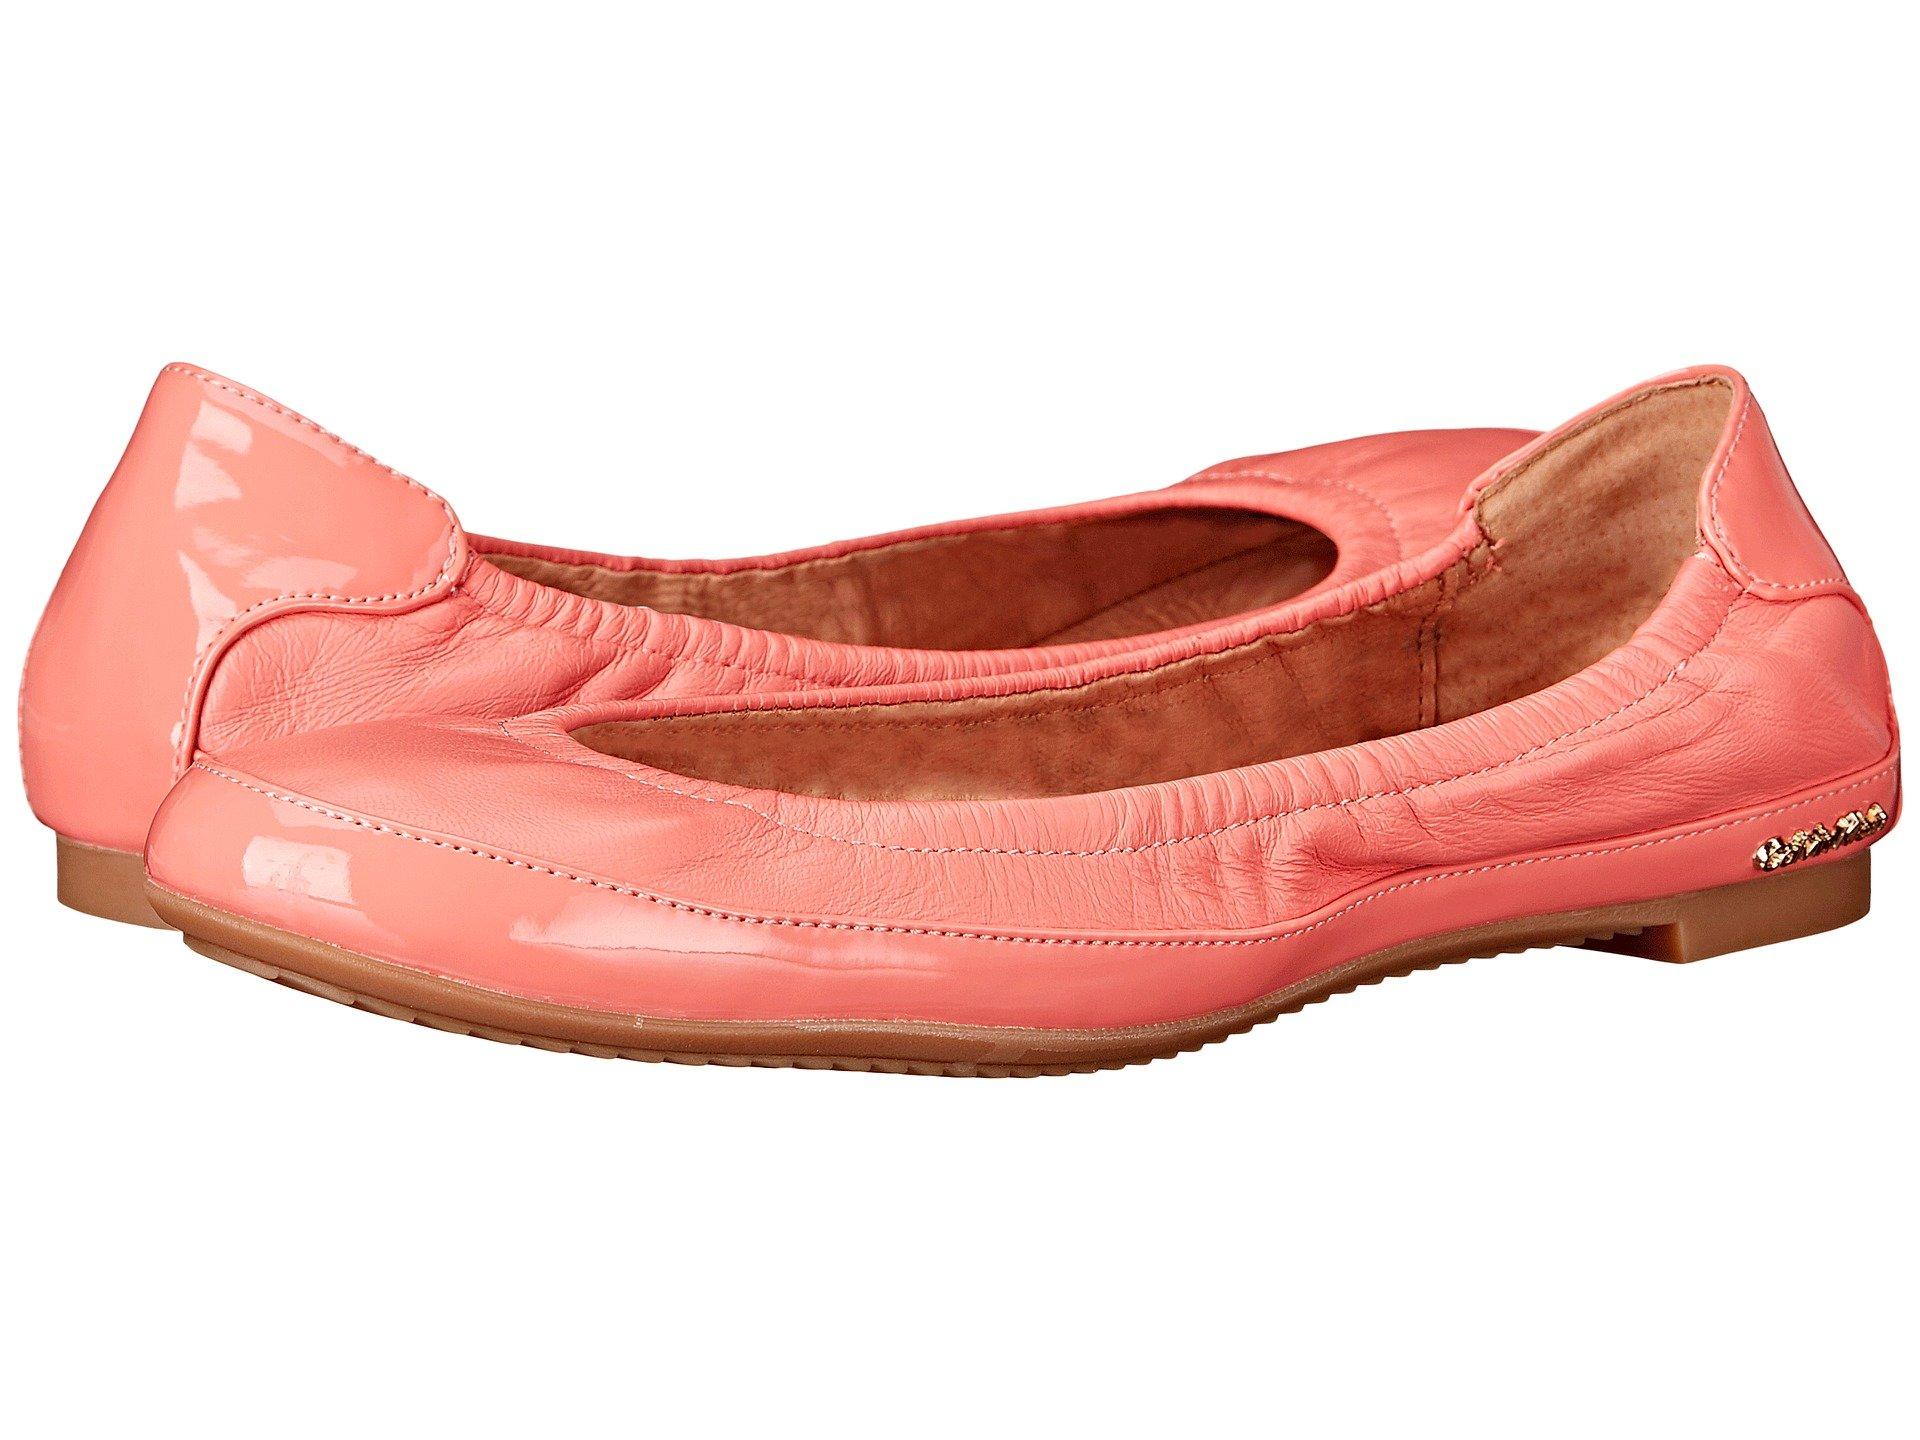 Baletas para Mujer Calvin Klein Anabelle  + Calvin Klein en VeoyCompro.net